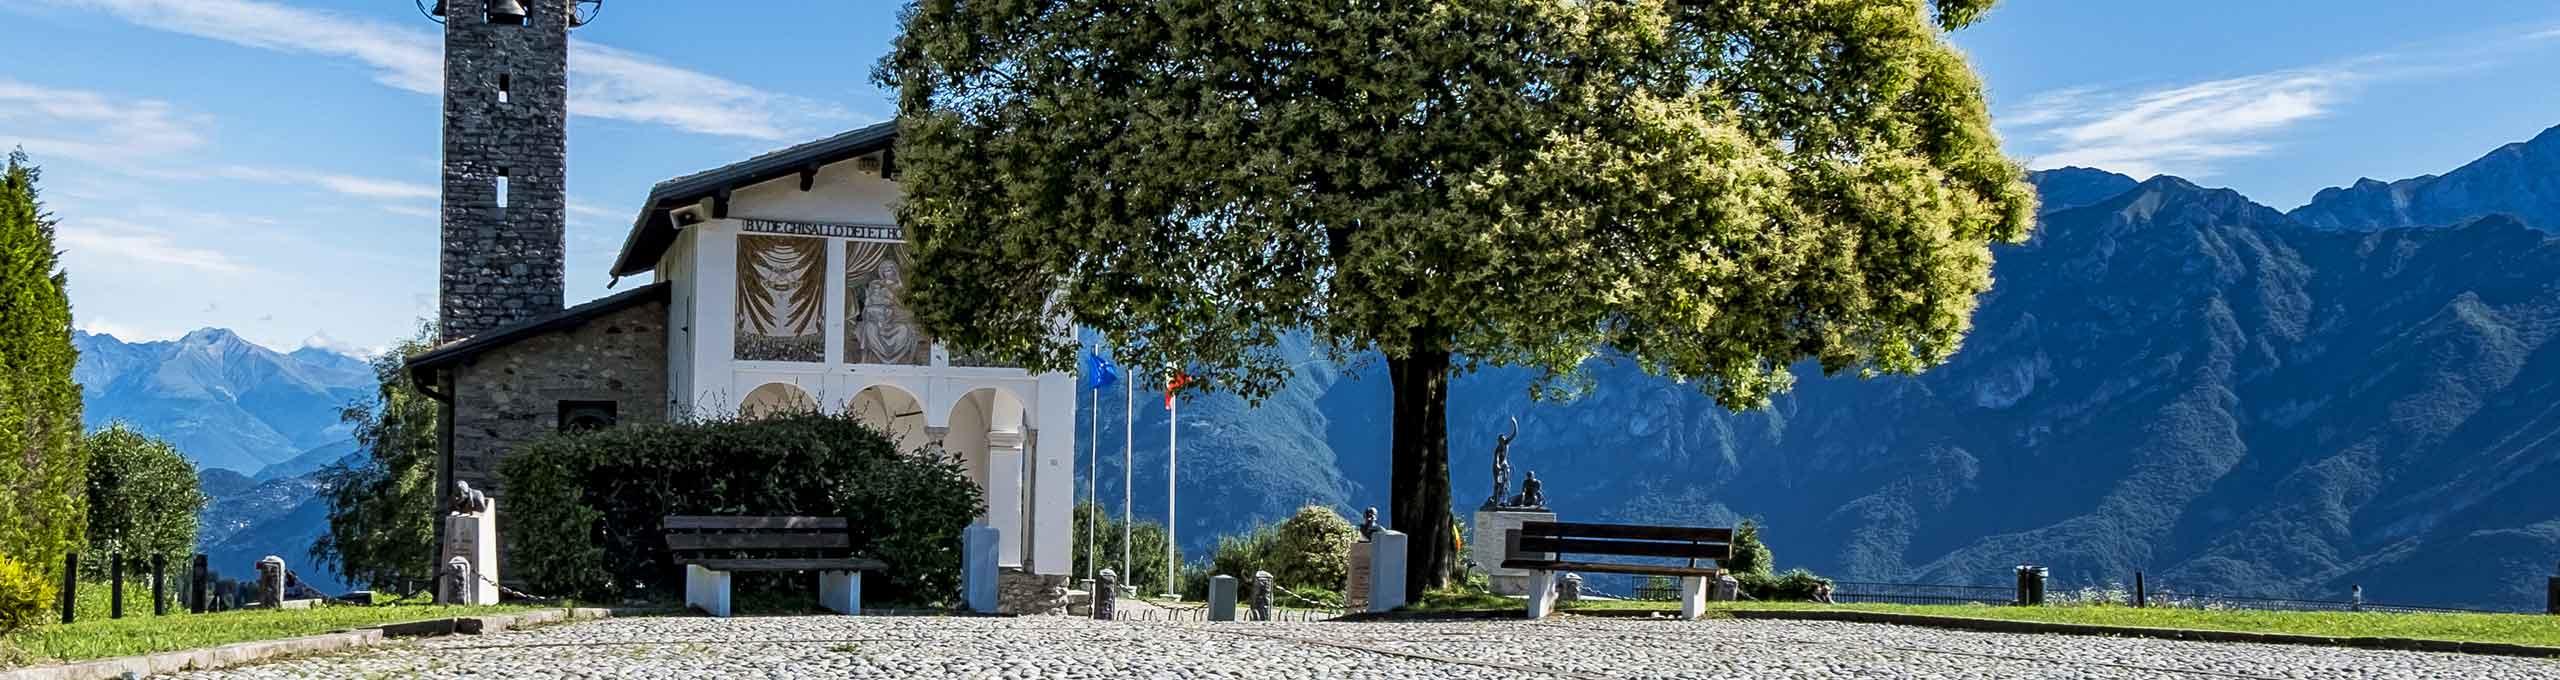 Magreglio, Lago di Como, Madonna del Ghisallo